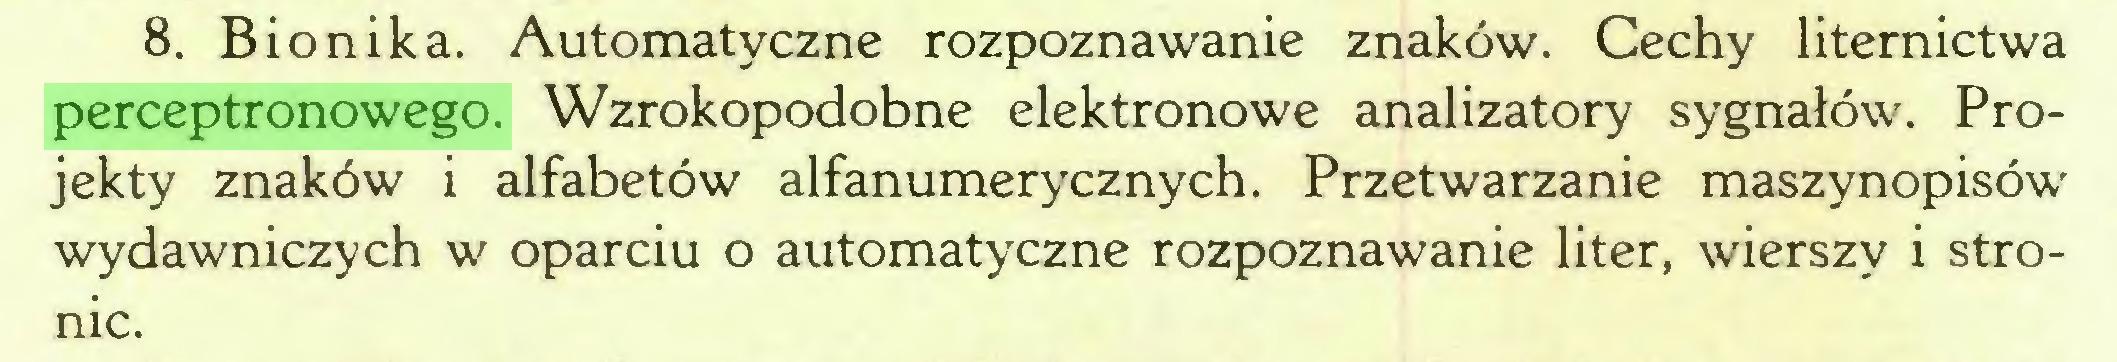 (...) 8. Bionika. Automatyczne rozpoznawanie znaków. Cechy liternictwa perceptronowego. Wzrokopodobne elektronowe analizatory sygnałów. Projekty znaków i alfabetów alfanumerycznych. Przetwarzanie maszynopisów wydawniczych w oparciu o automatyczne rozpoznawanie liter, wierszy i stronic...